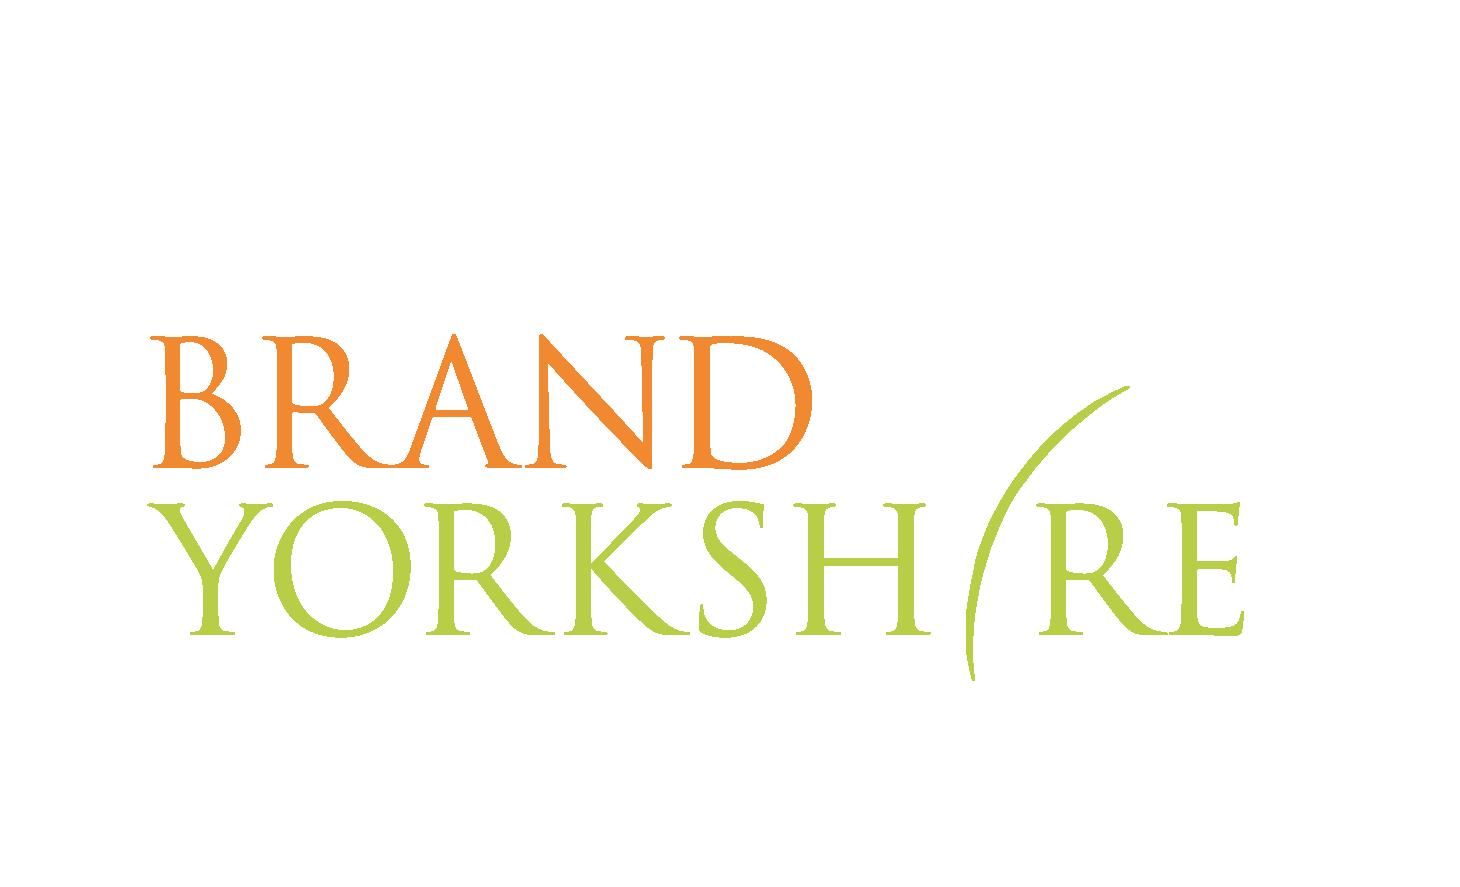 brand yorkshire logo